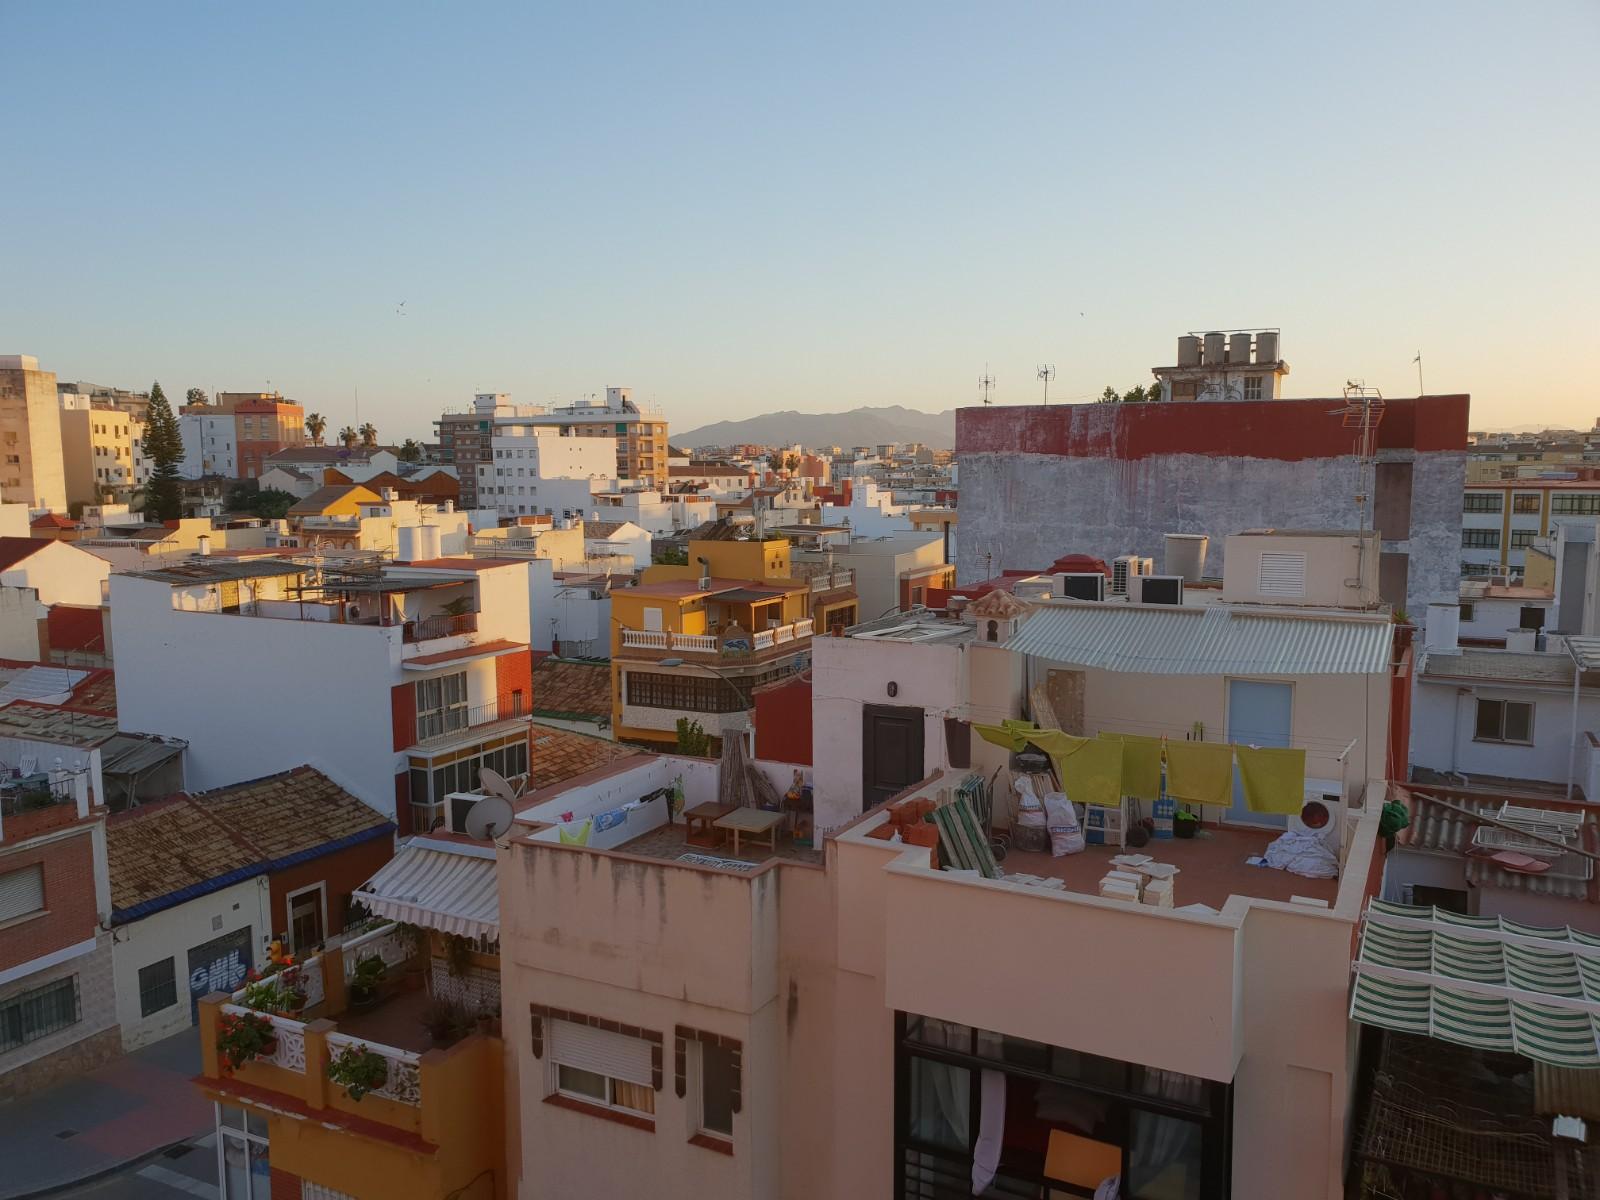 Piso en venta en Málaga, Málaga, Calle Rojas, 105.000 €, 2 habitaciones, 1 baño, 61 m2